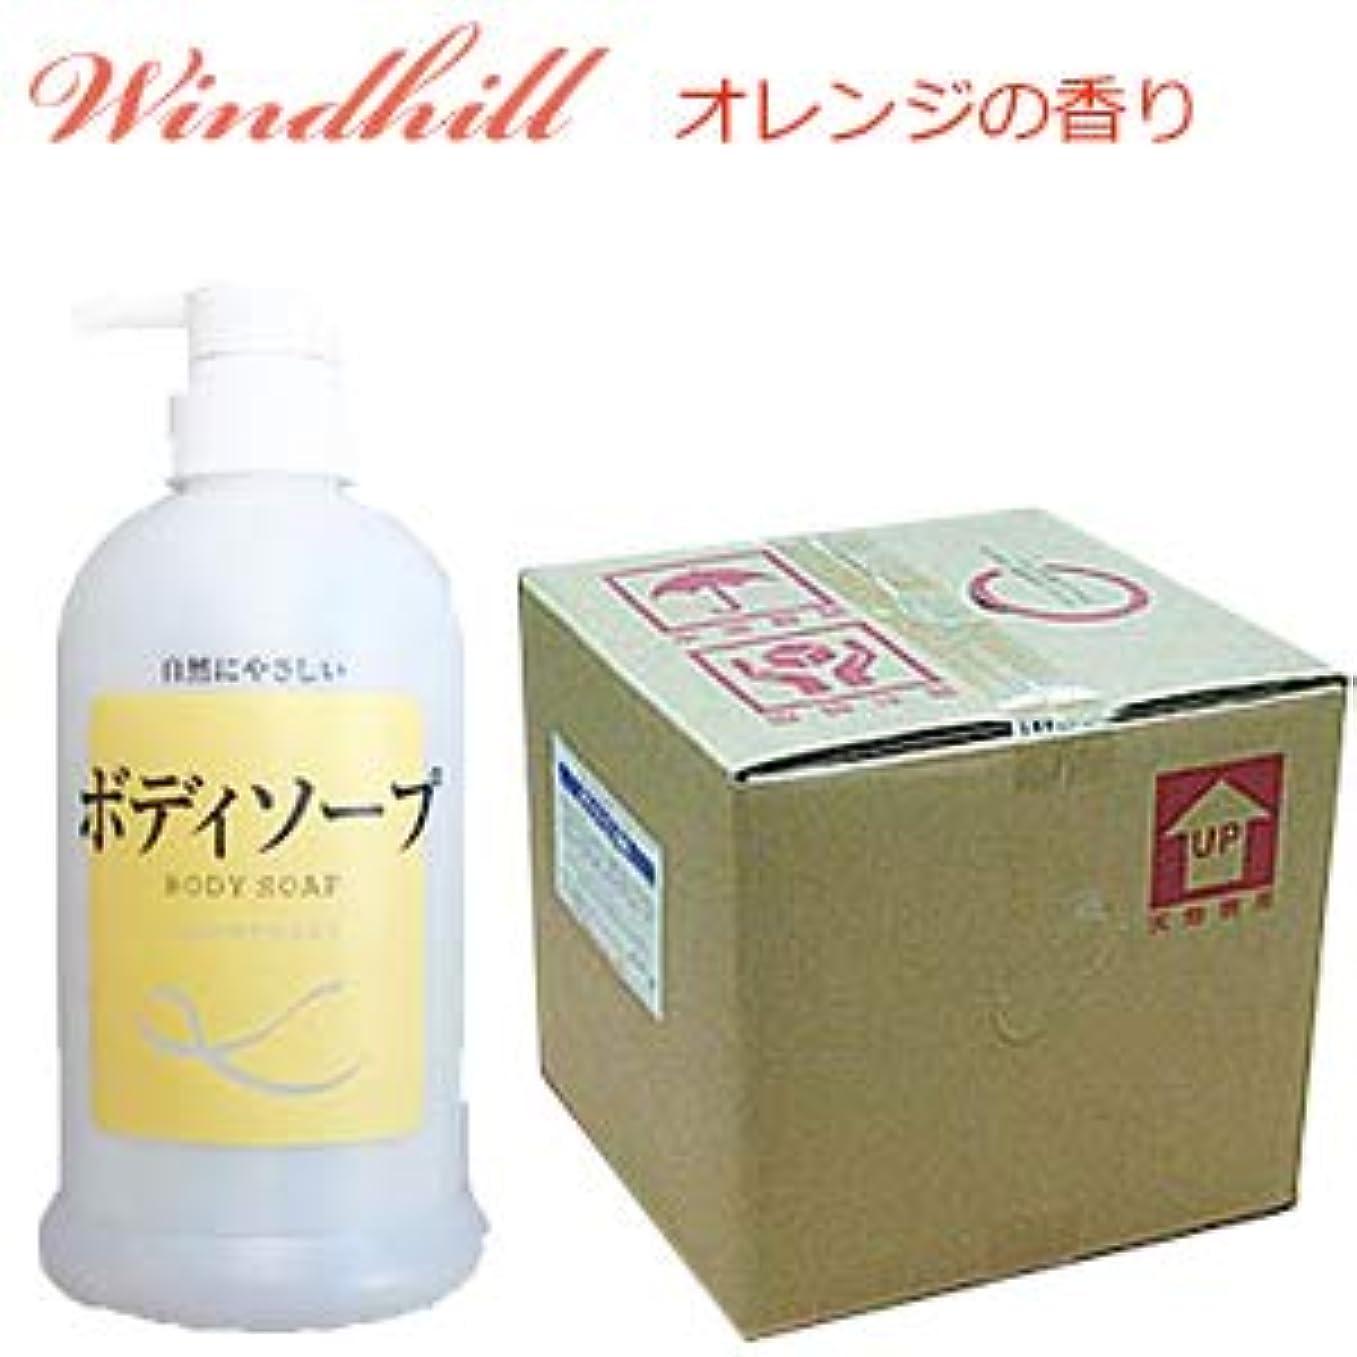 休戦スピーカーウナギWindhill 植物性 業務用ボディソープオレンジの香り 20L(1セット20L入)